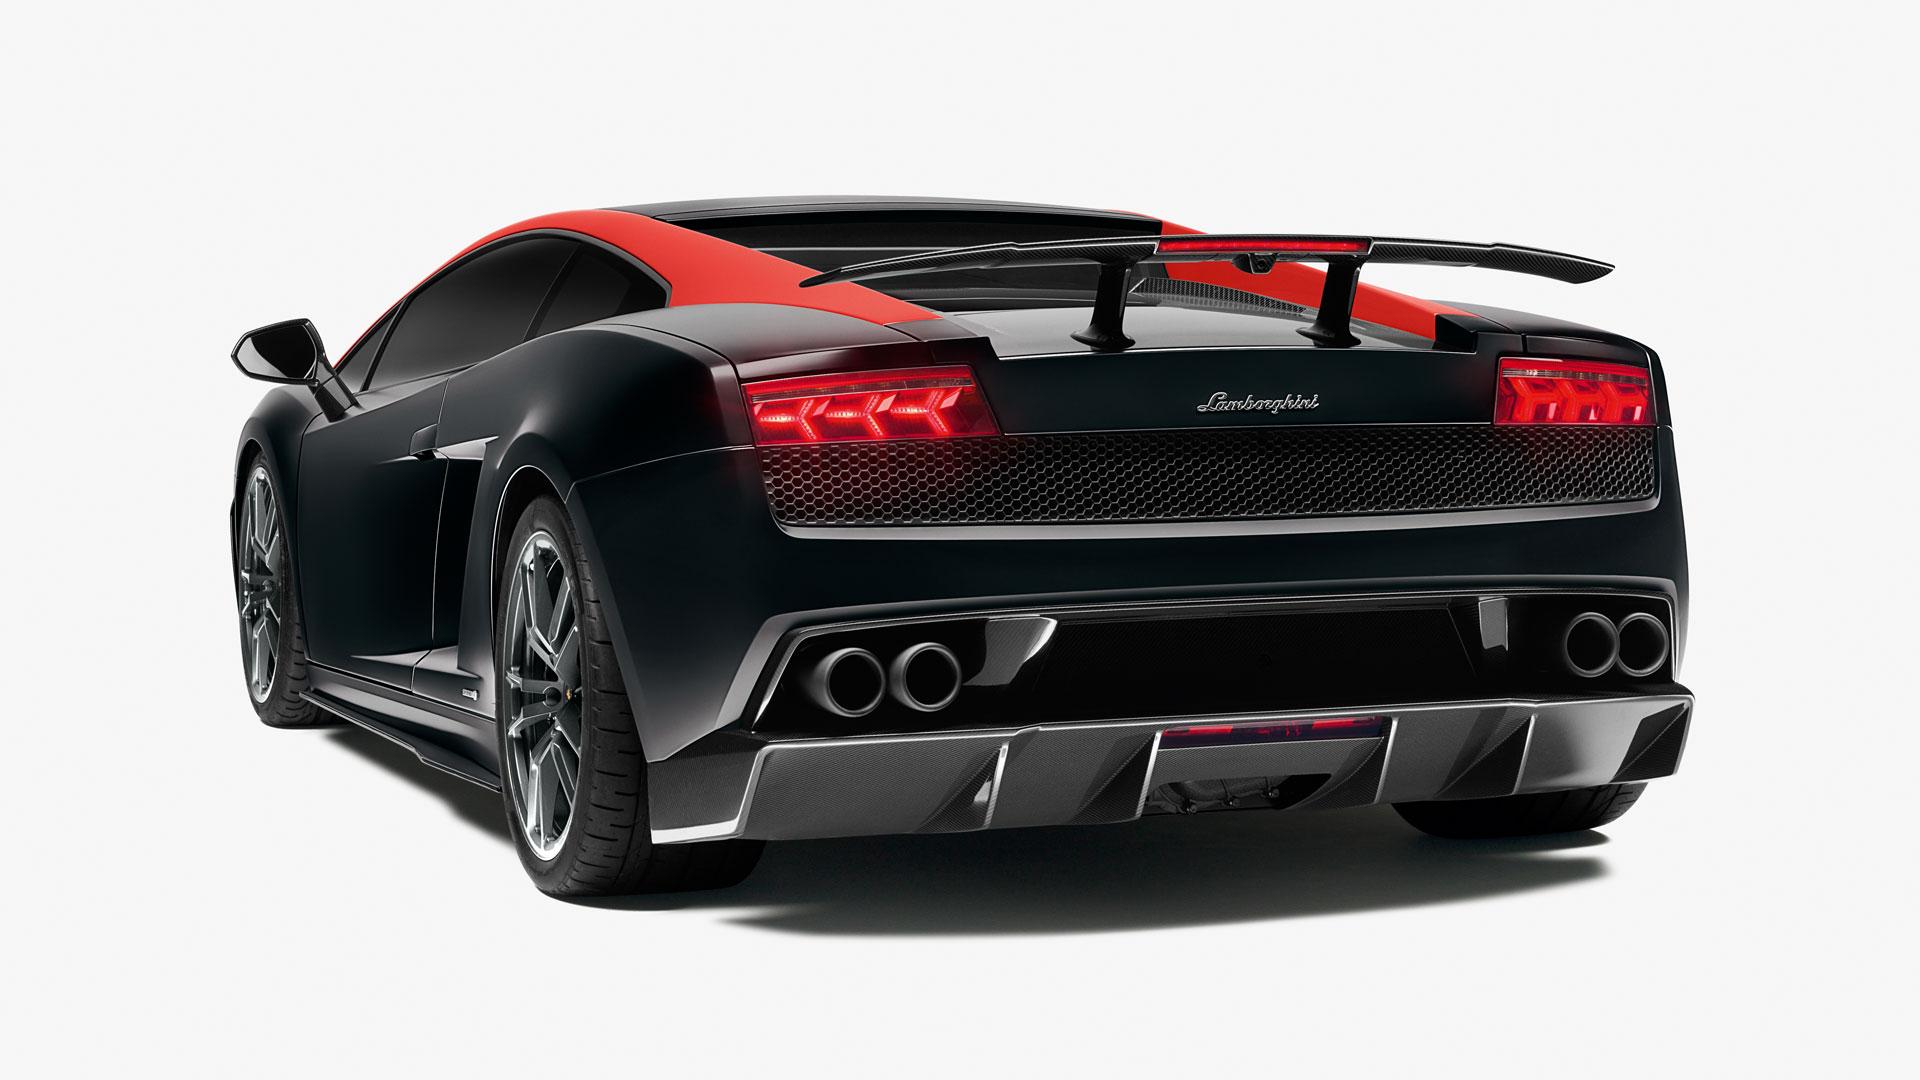 Lamborghini-rear-Quarter